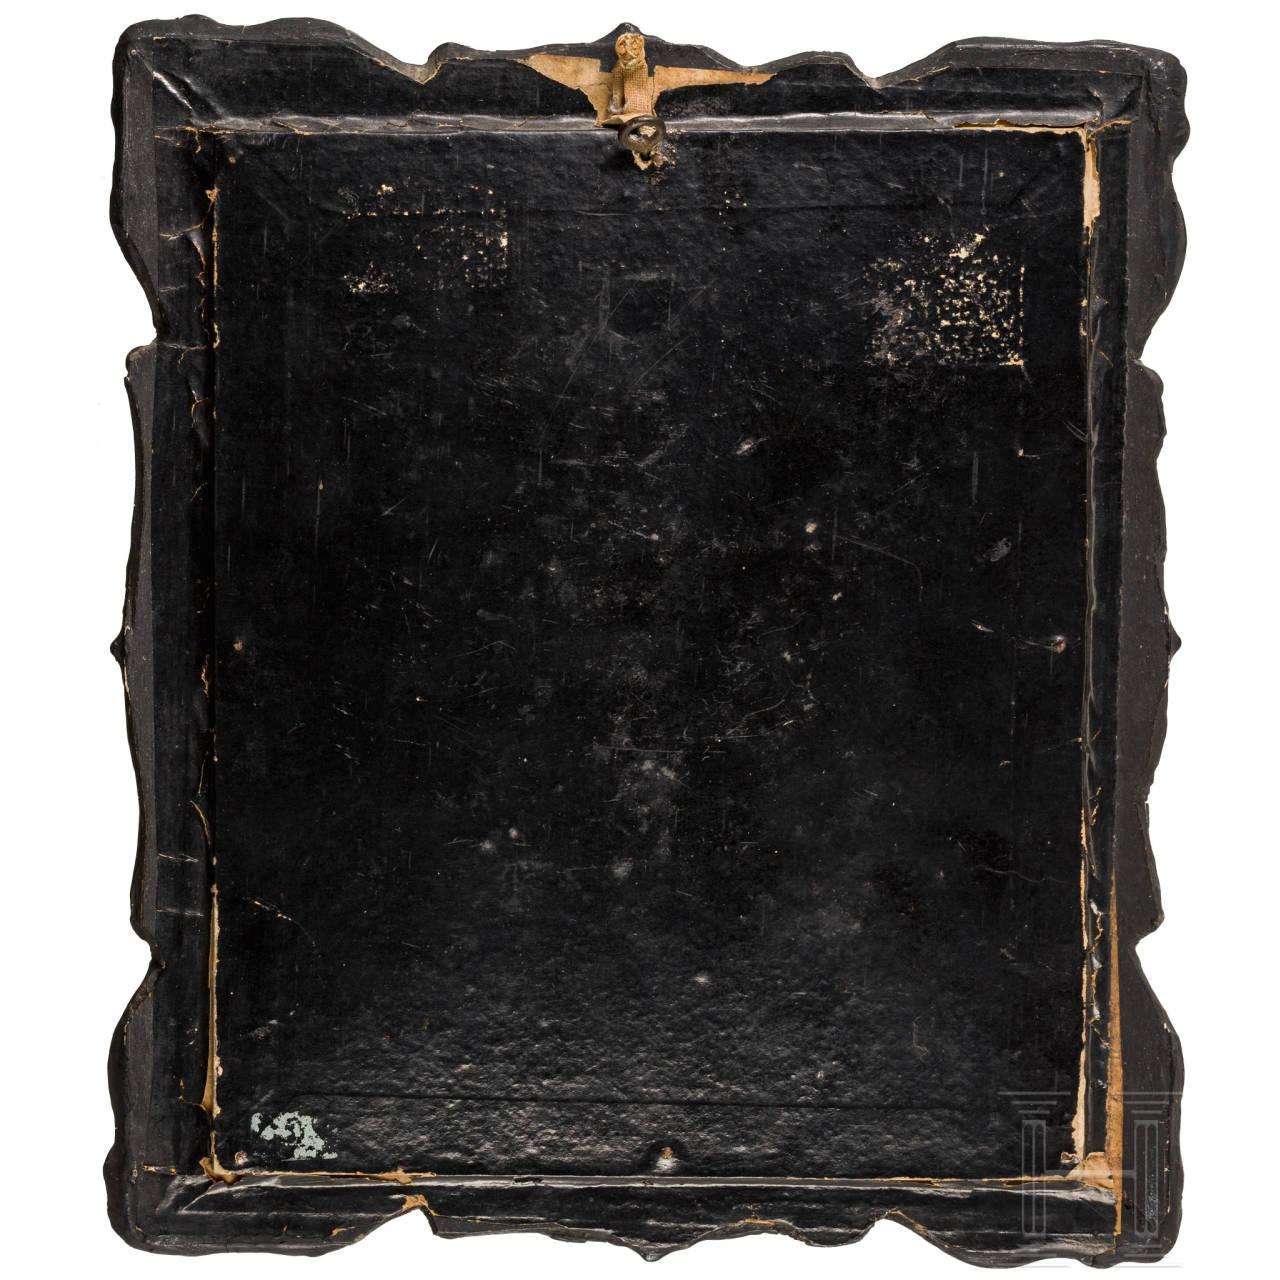 Blatt aus einem Stundenbuch im Stil des Spätmittelalters